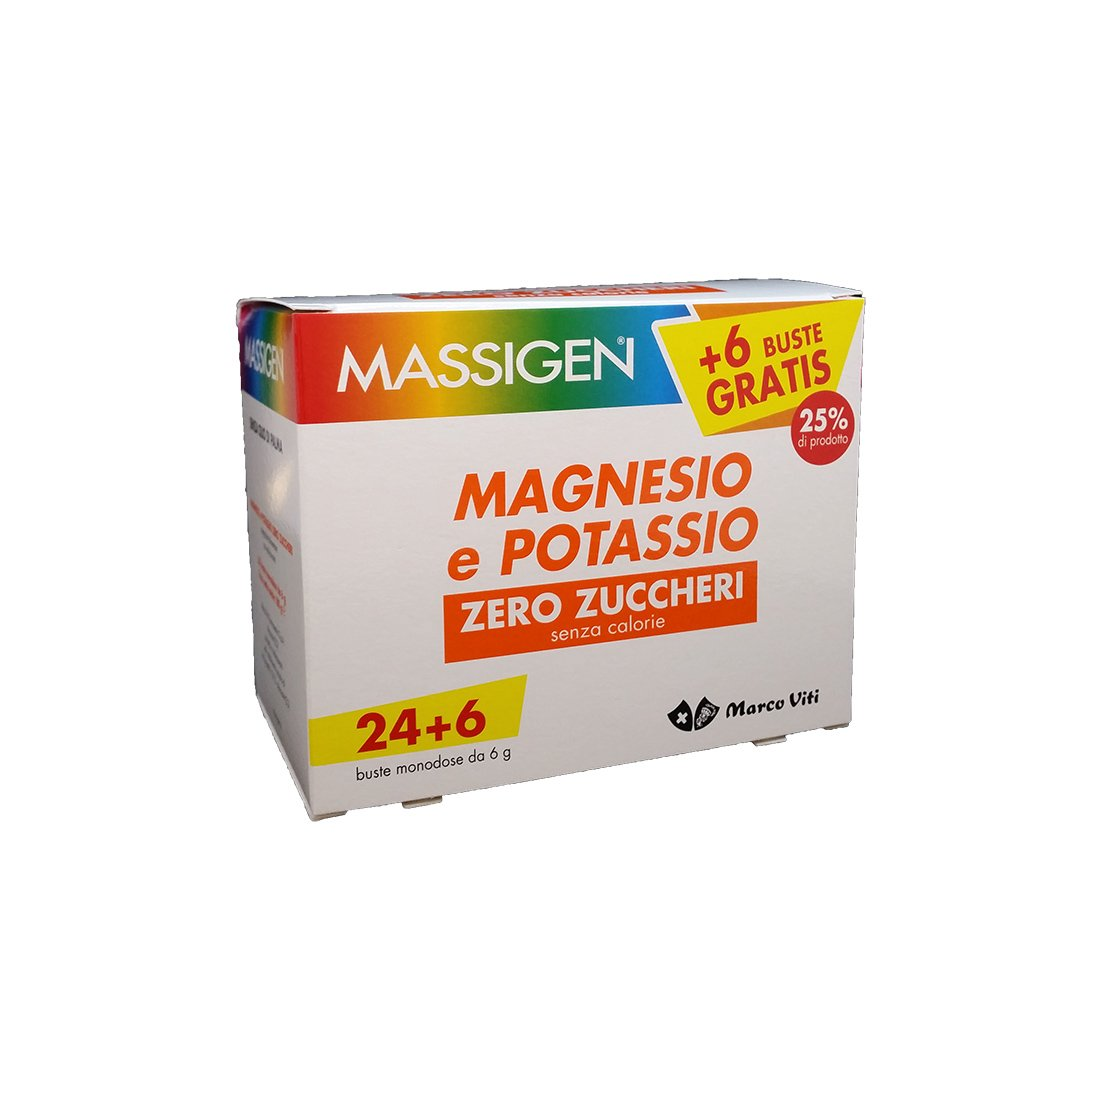 MASSIGEN MAGNESIO Y POTASIO ZERO AZUCAR 24 BOLSAS: Amazon.es: Salud y cuidado personal